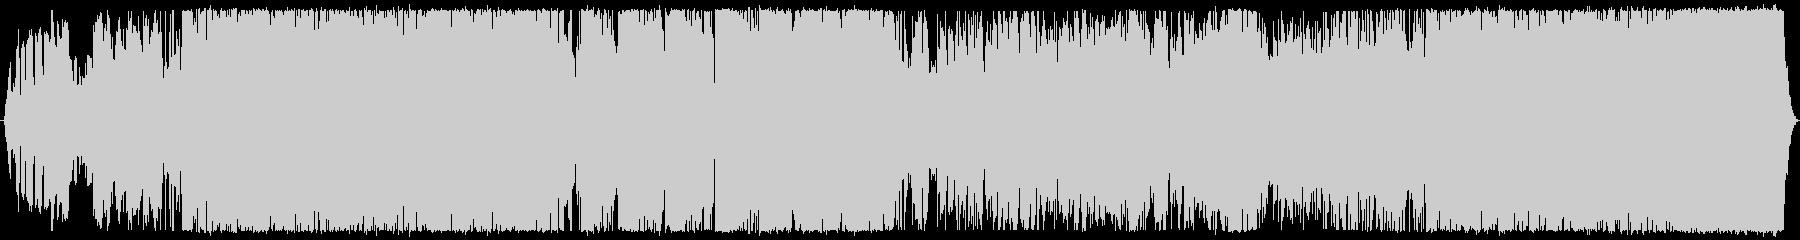 ダークヒーロー・ワークアウトに合うBGMの未再生の波形